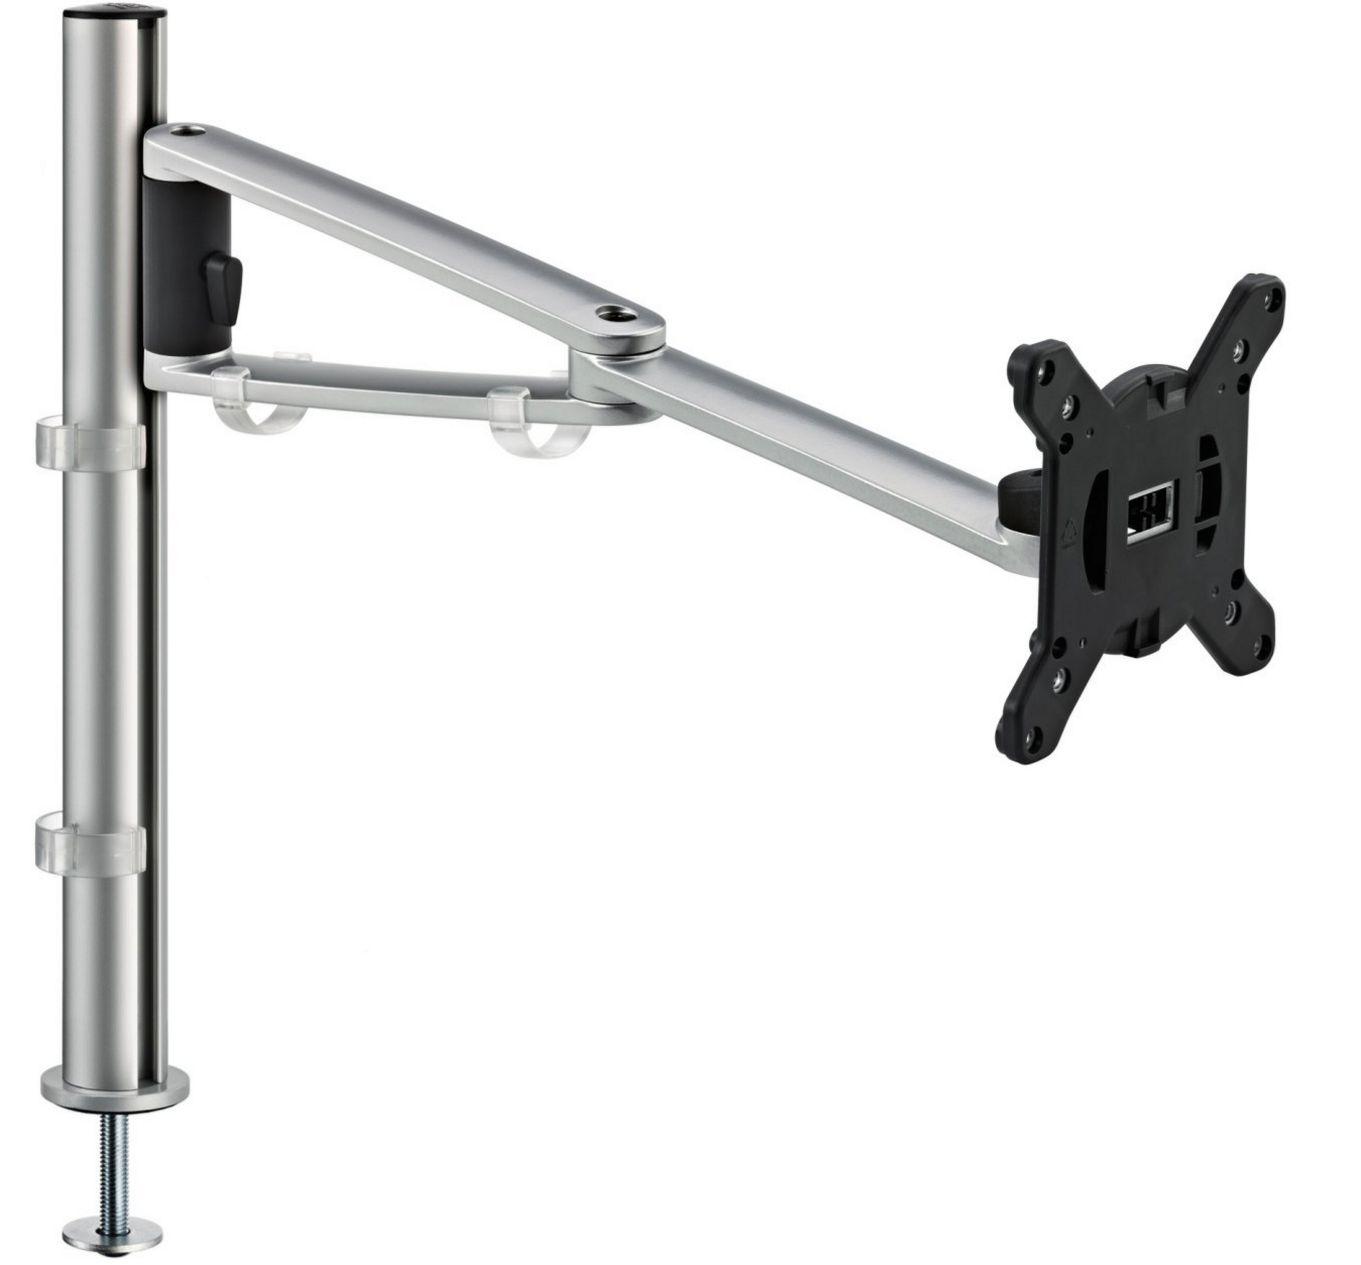 günstige Monitor-Schreibtischhalterung 360 Grad drehbar